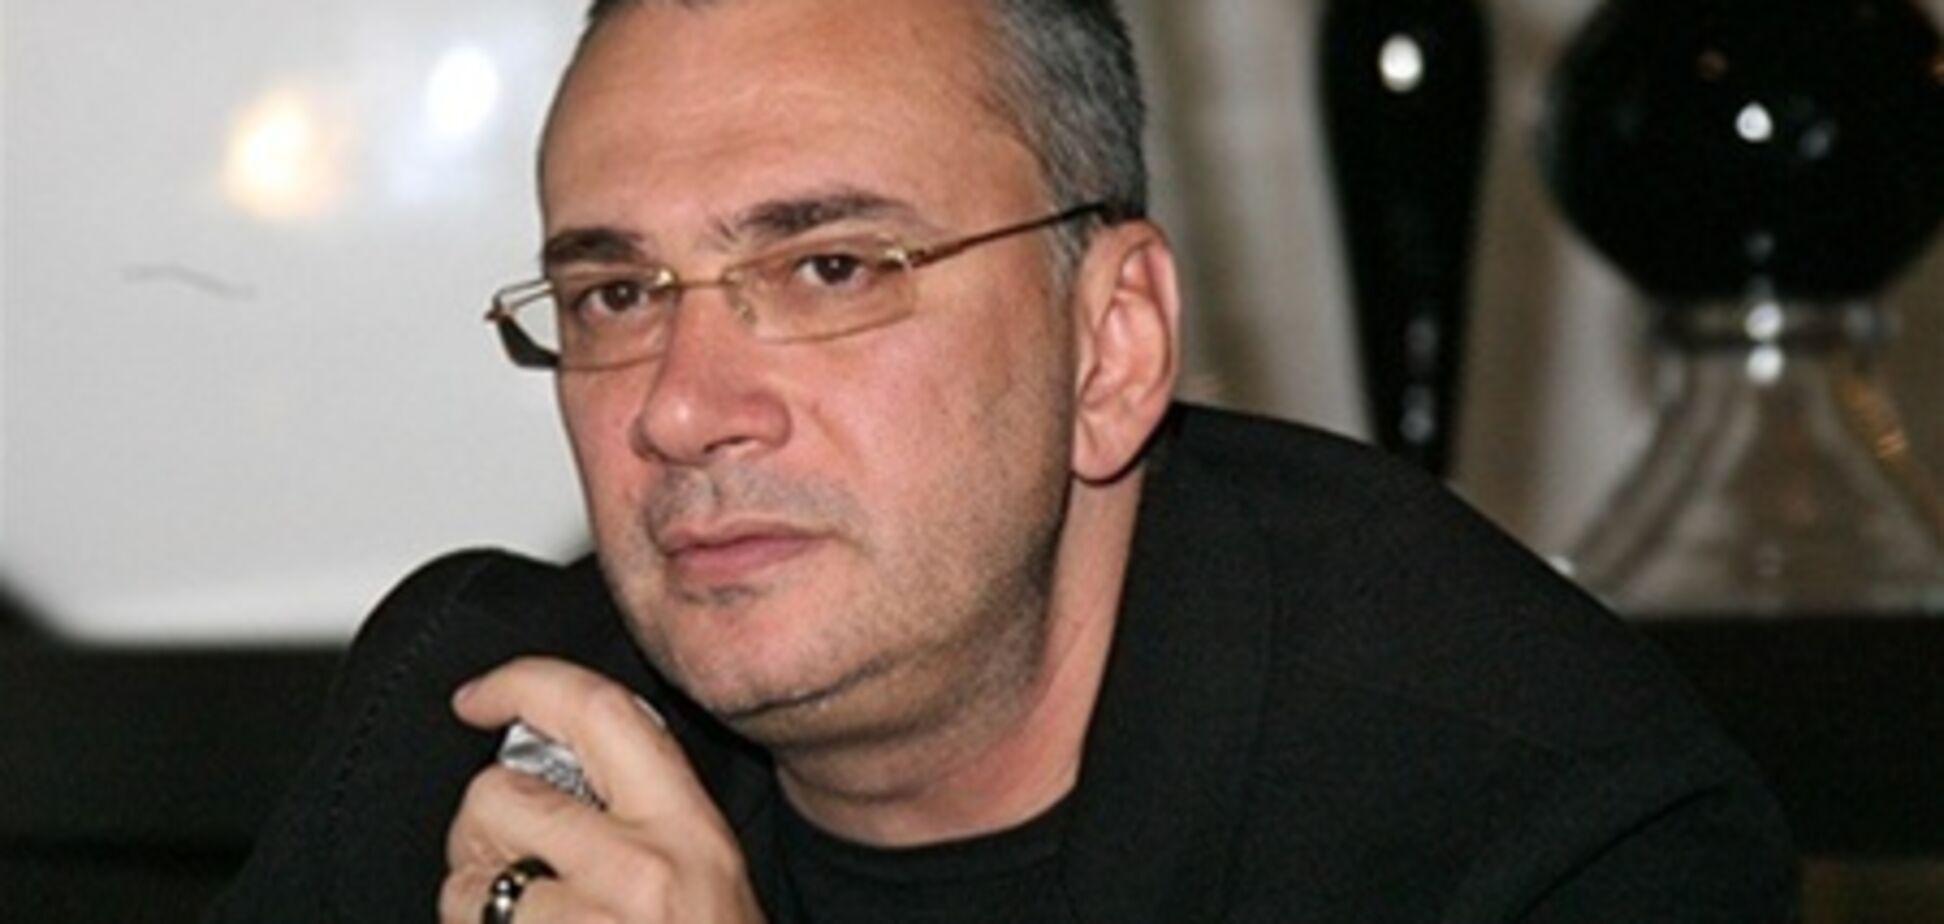 Меладзе ушел только из видимой части шоу-бизнеса